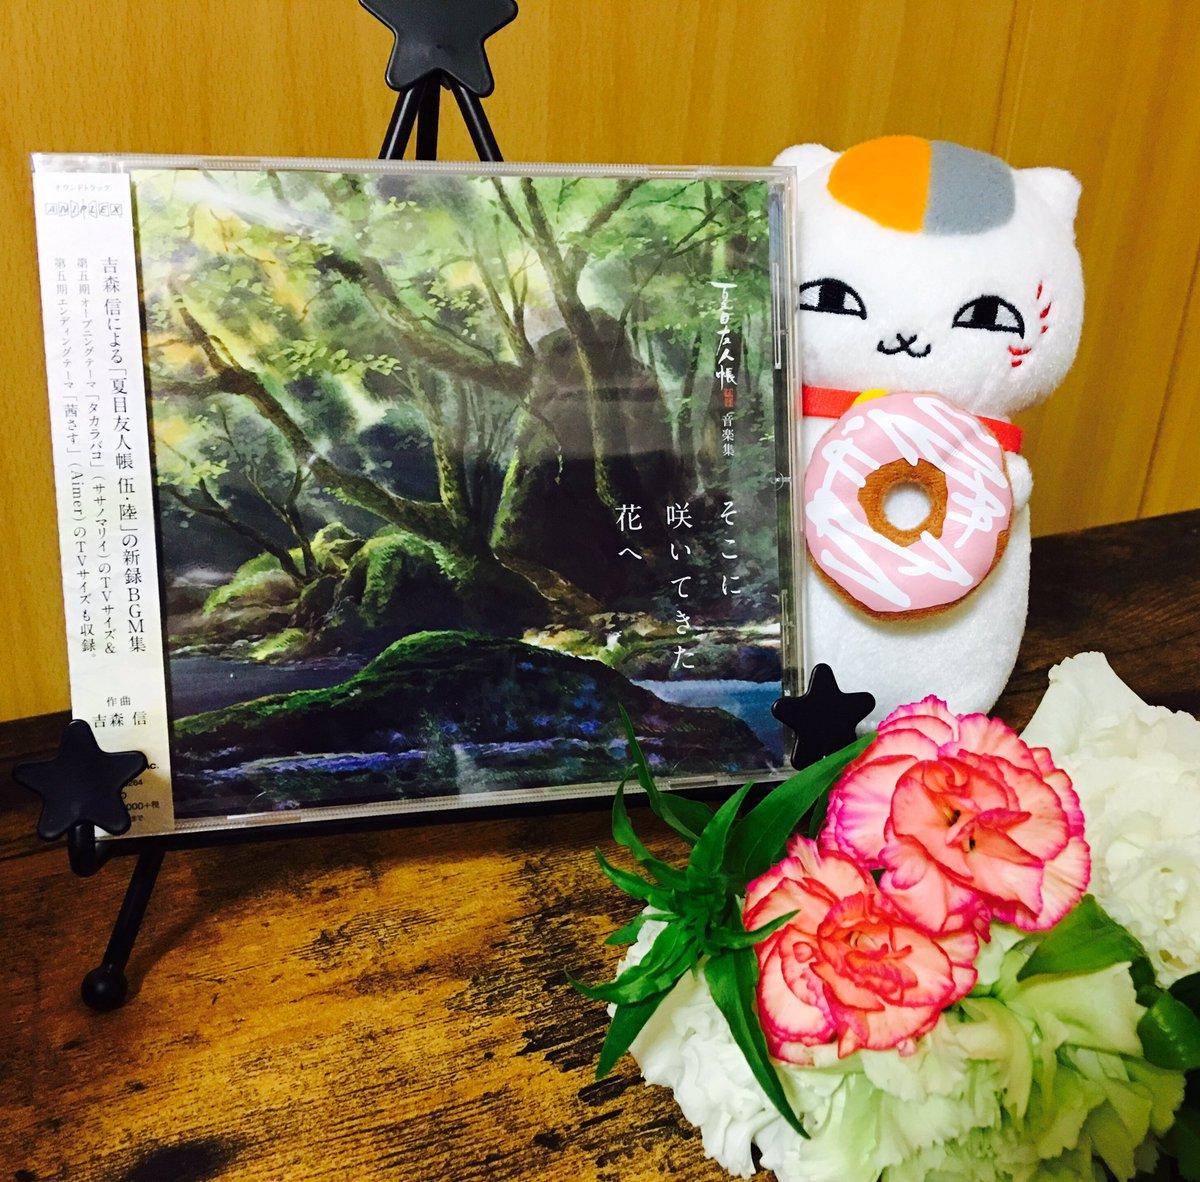 夏目友人帳の新サントラ、吉森信さんの「夏目友人帳 伍・陸 音楽集そこに咲いてきた花へ」が発売開始されました✨5期放送時か